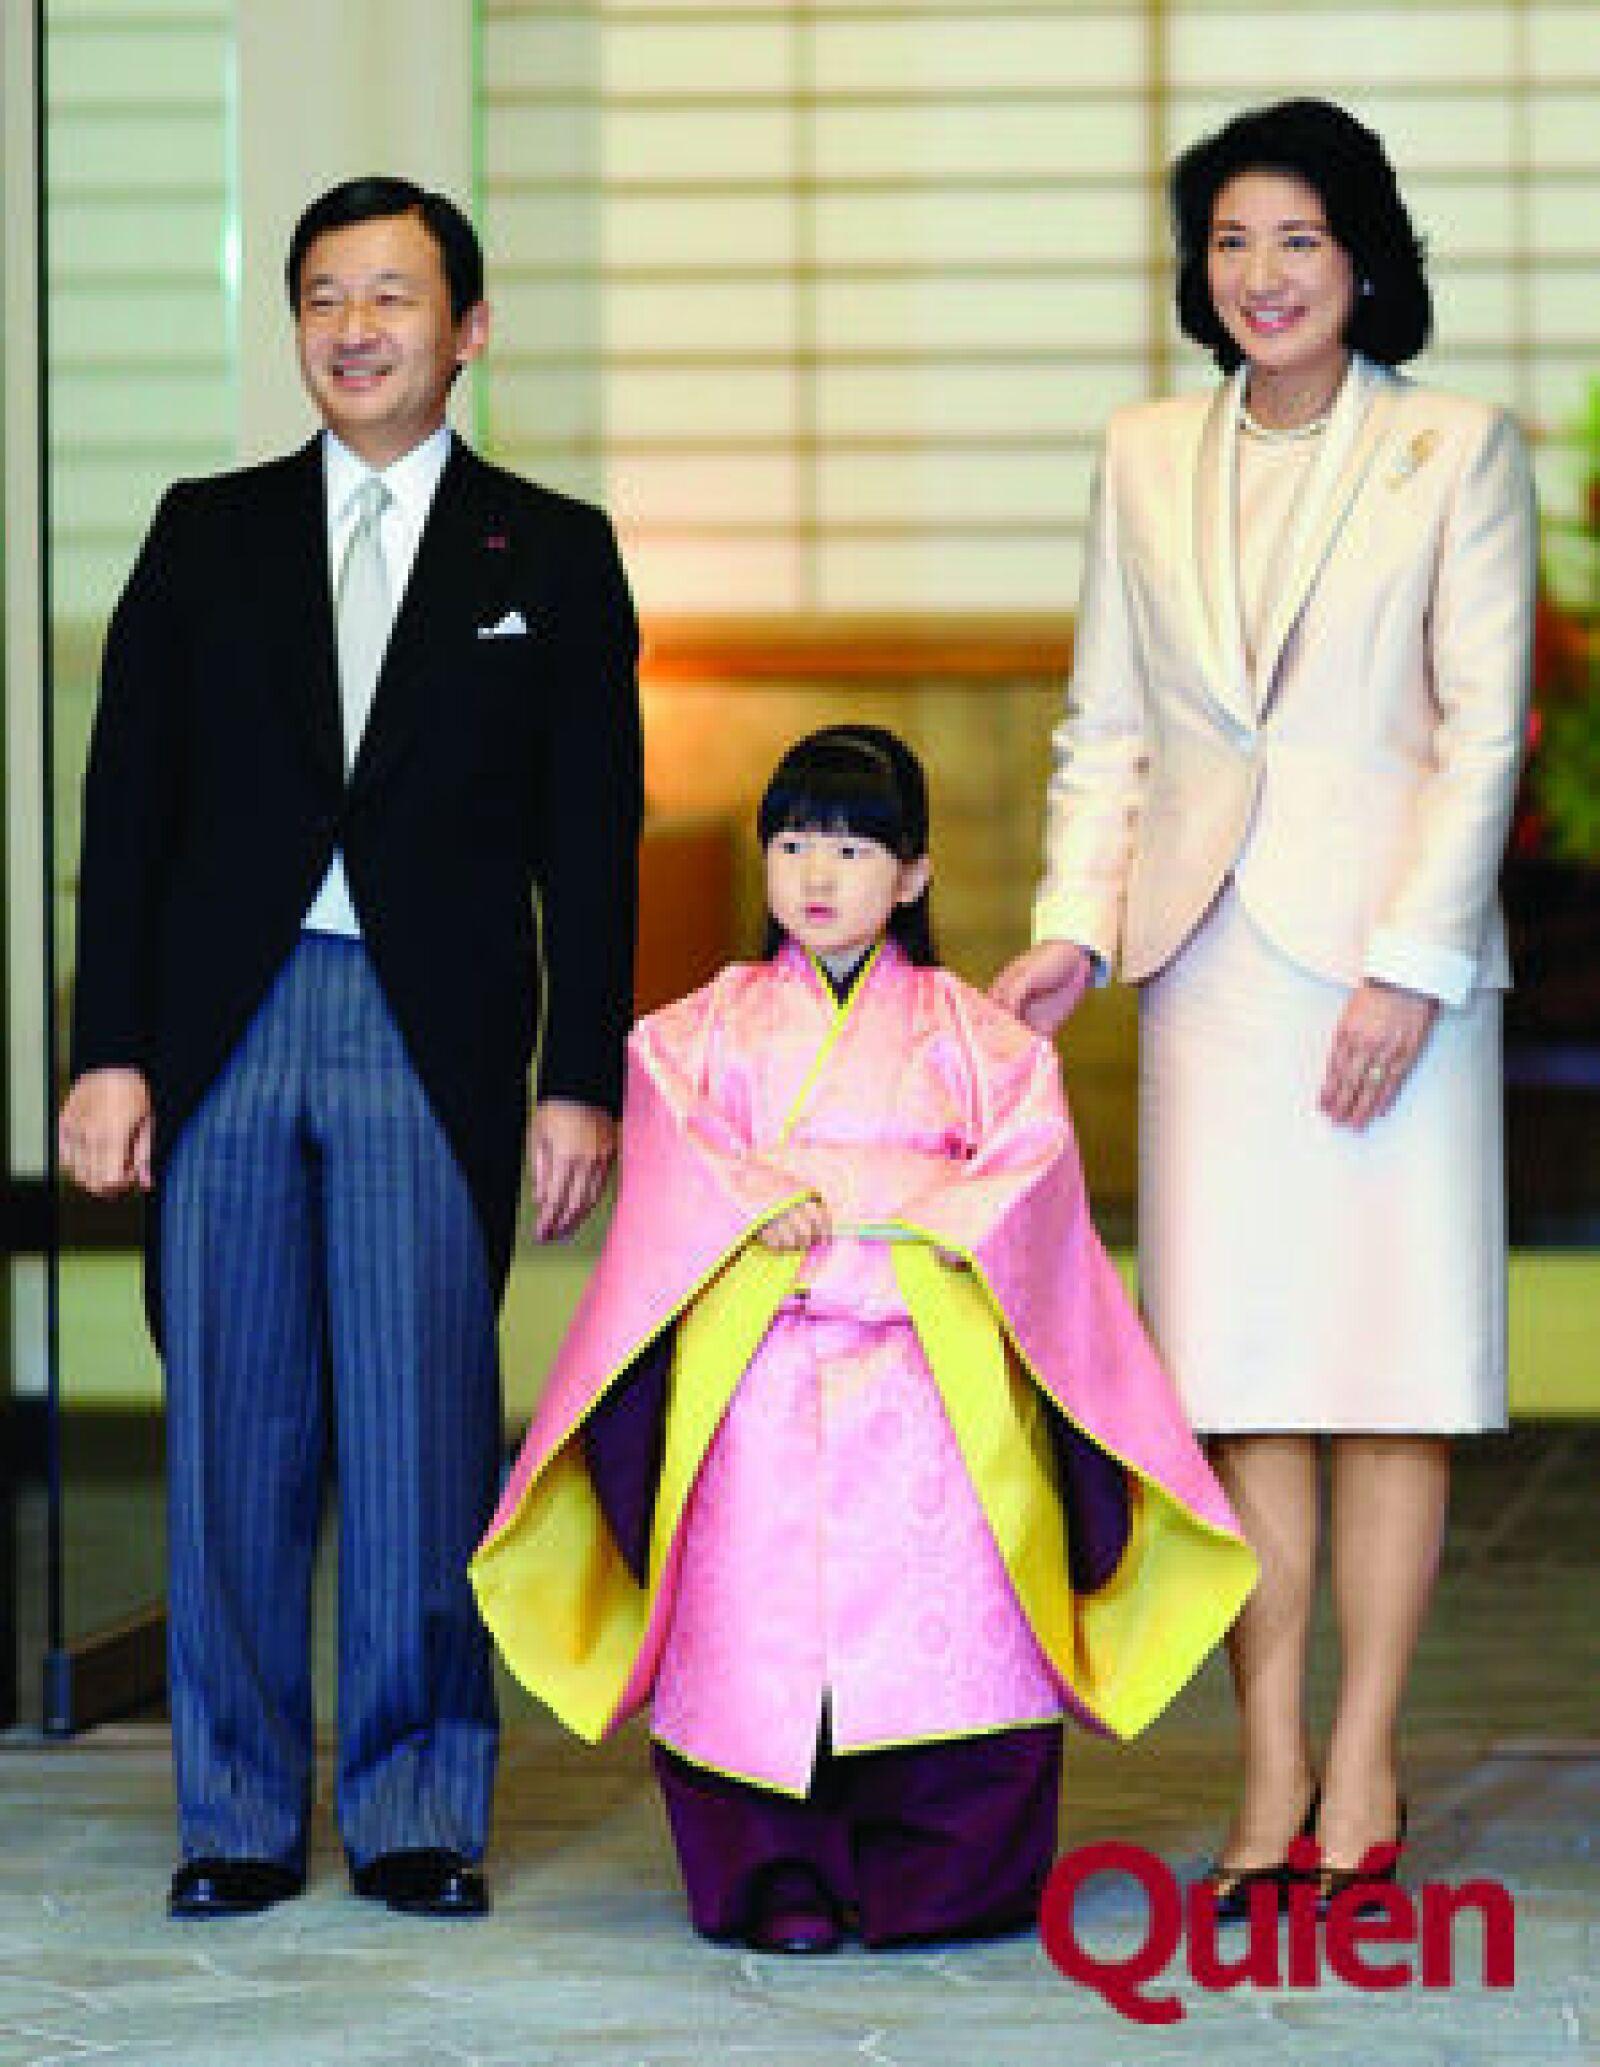 Príncipe Naruhito de Japón, Princesa Aiko de Japón, Princesa Masako de Japón